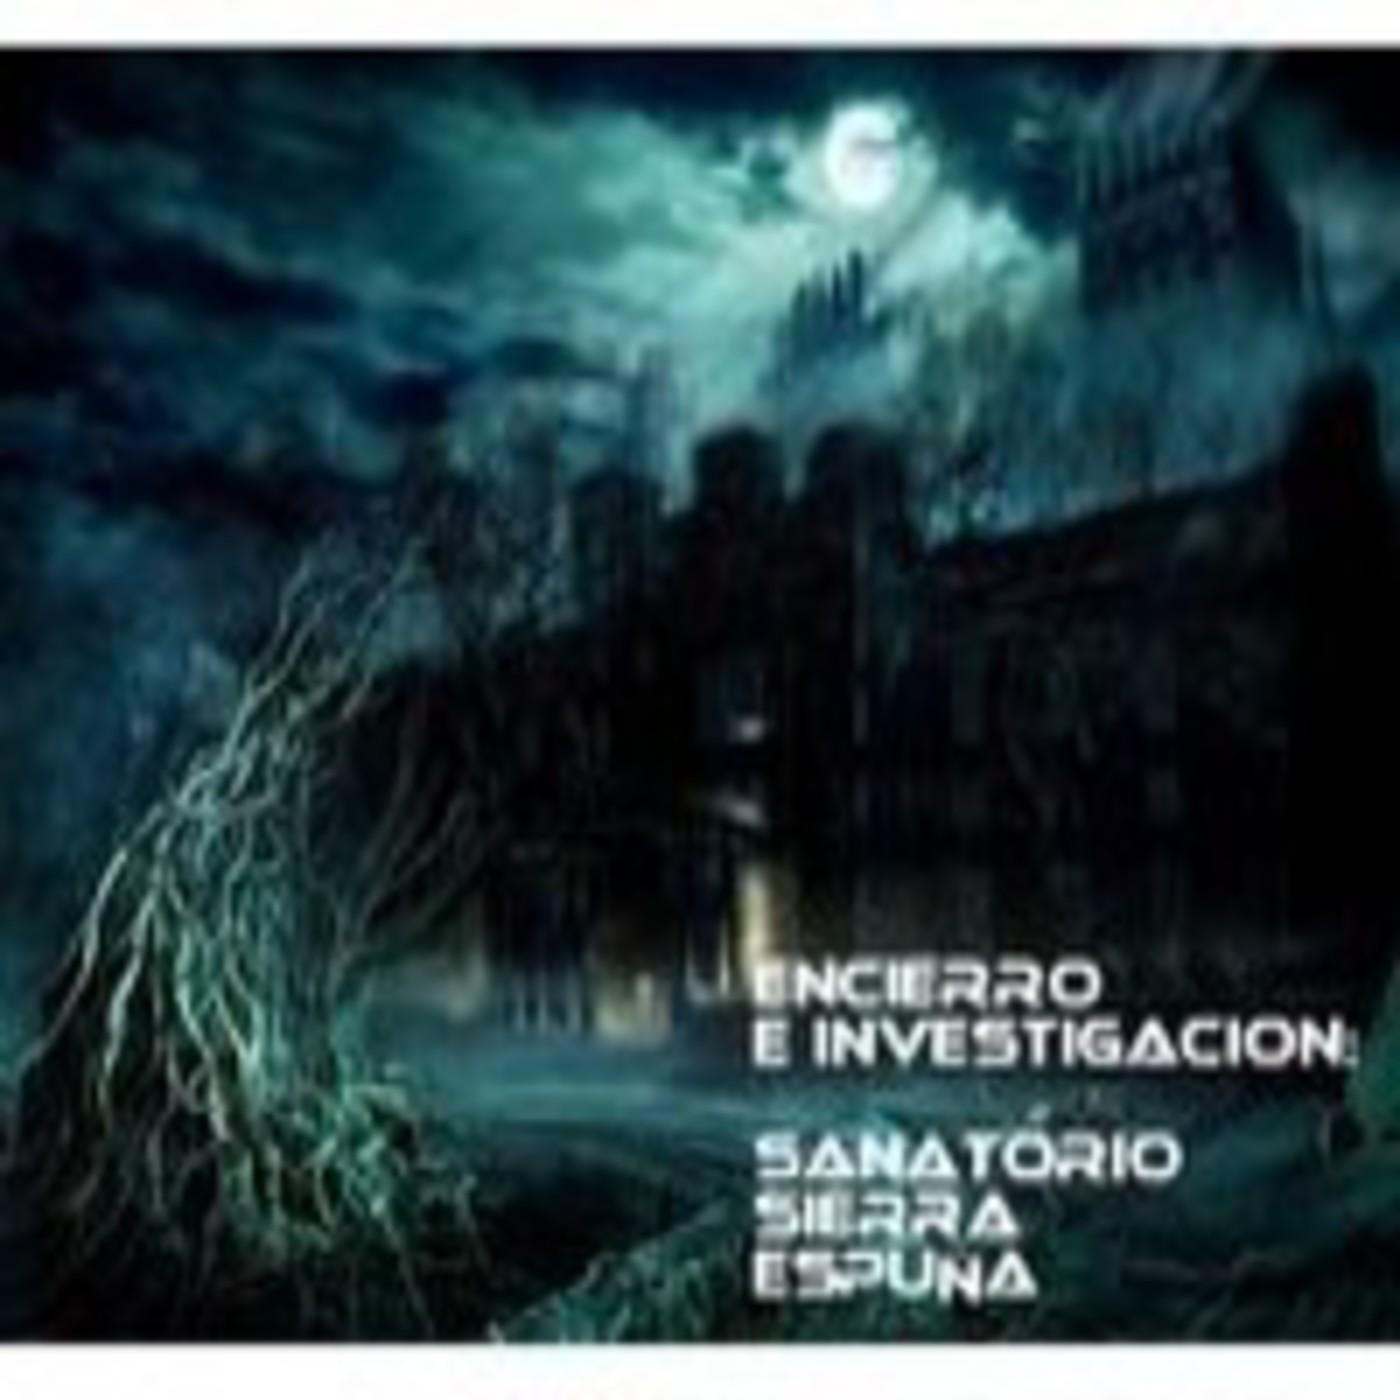 Encierro e Investigacion : El Sanatorio Sierra Espuña en Podcast ...